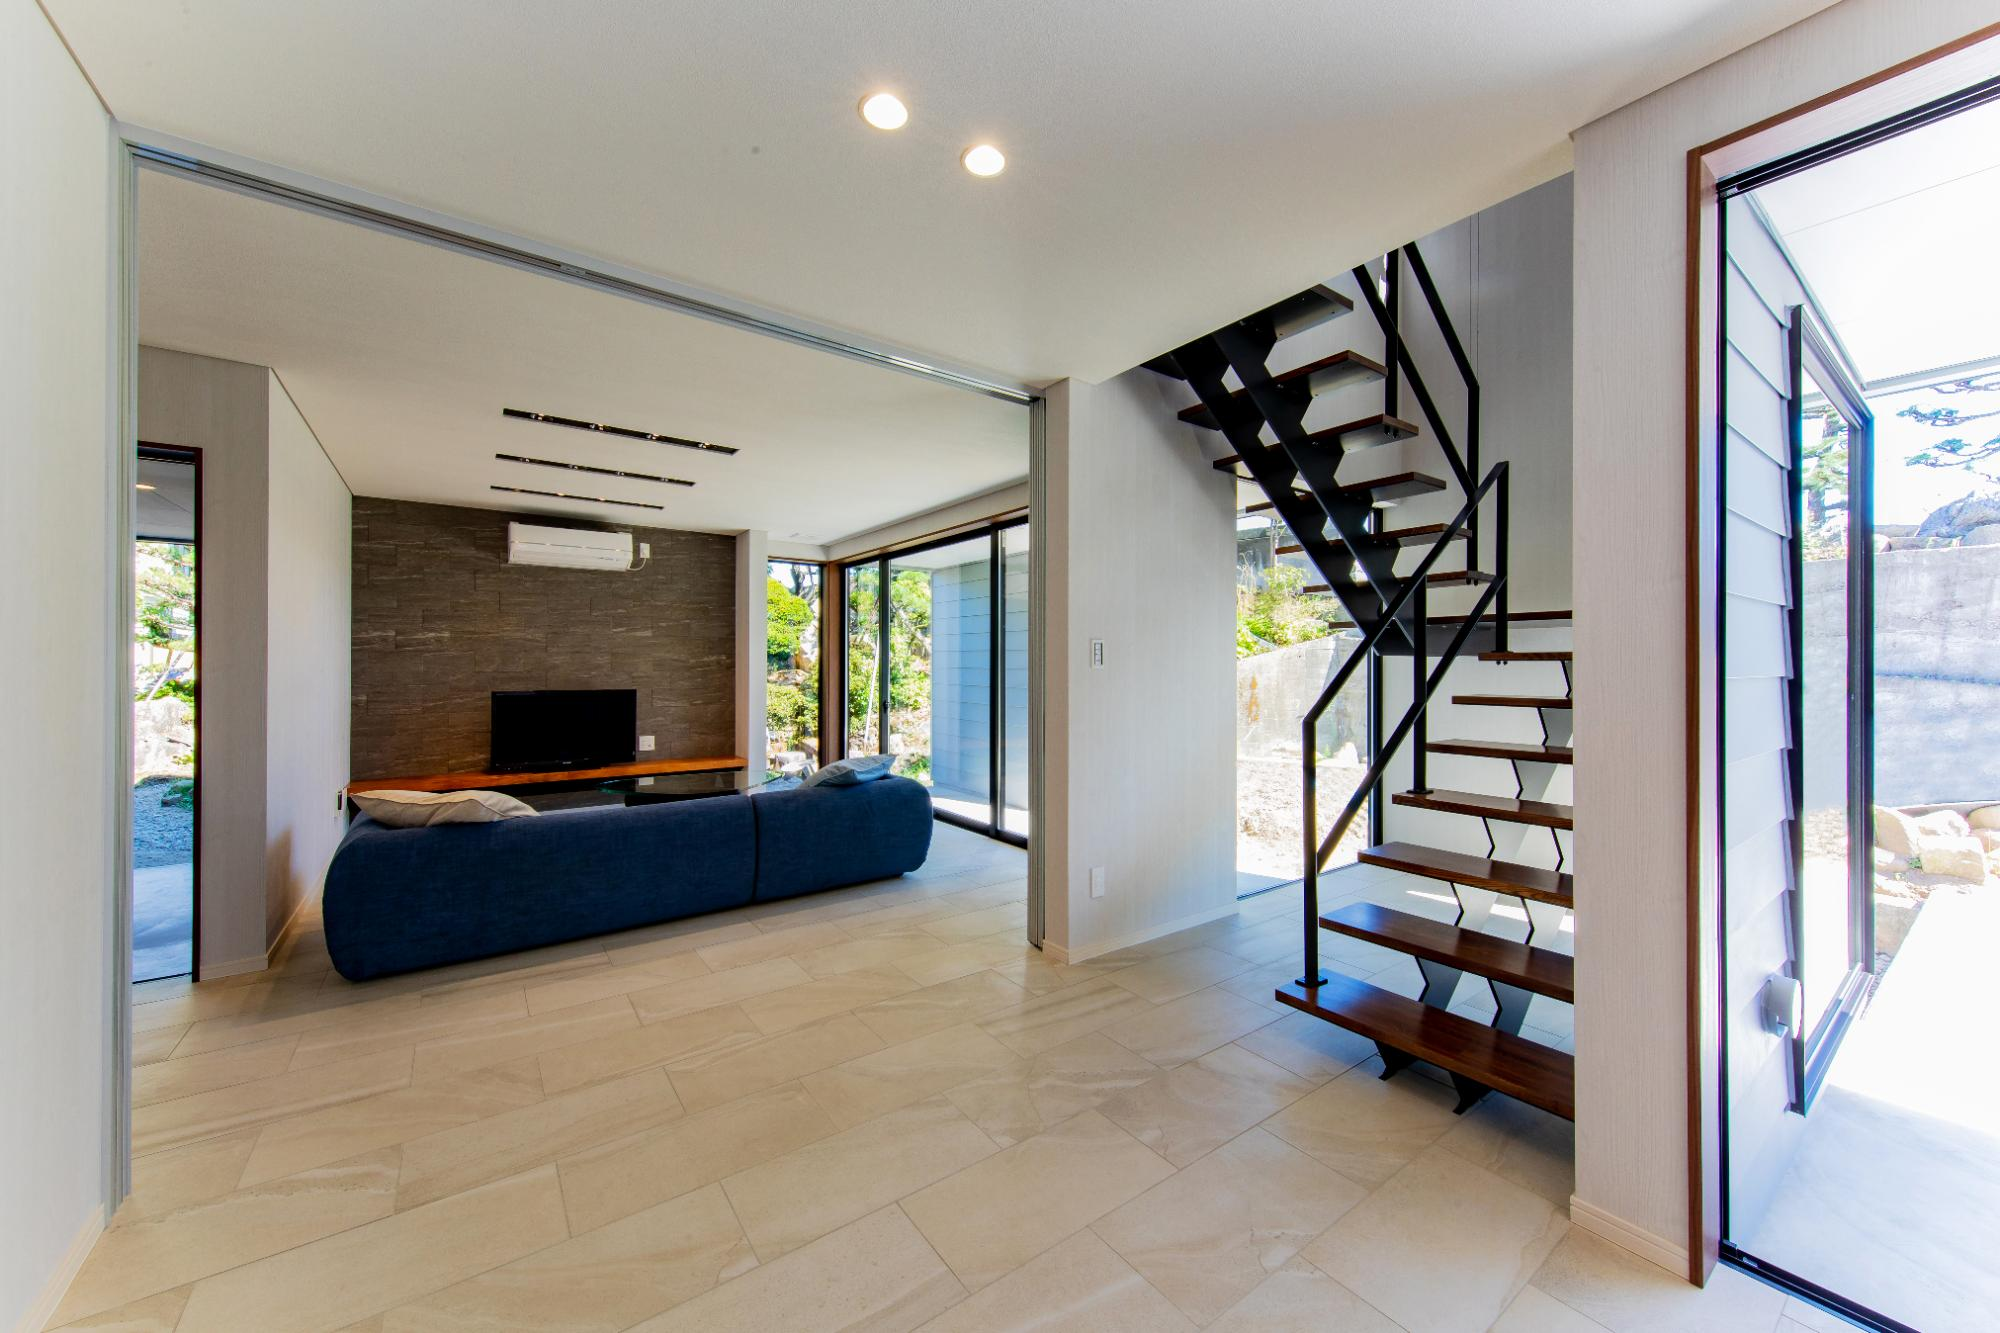 住み継げる住まいの提案 archi laboコンセプトハウスの写真8